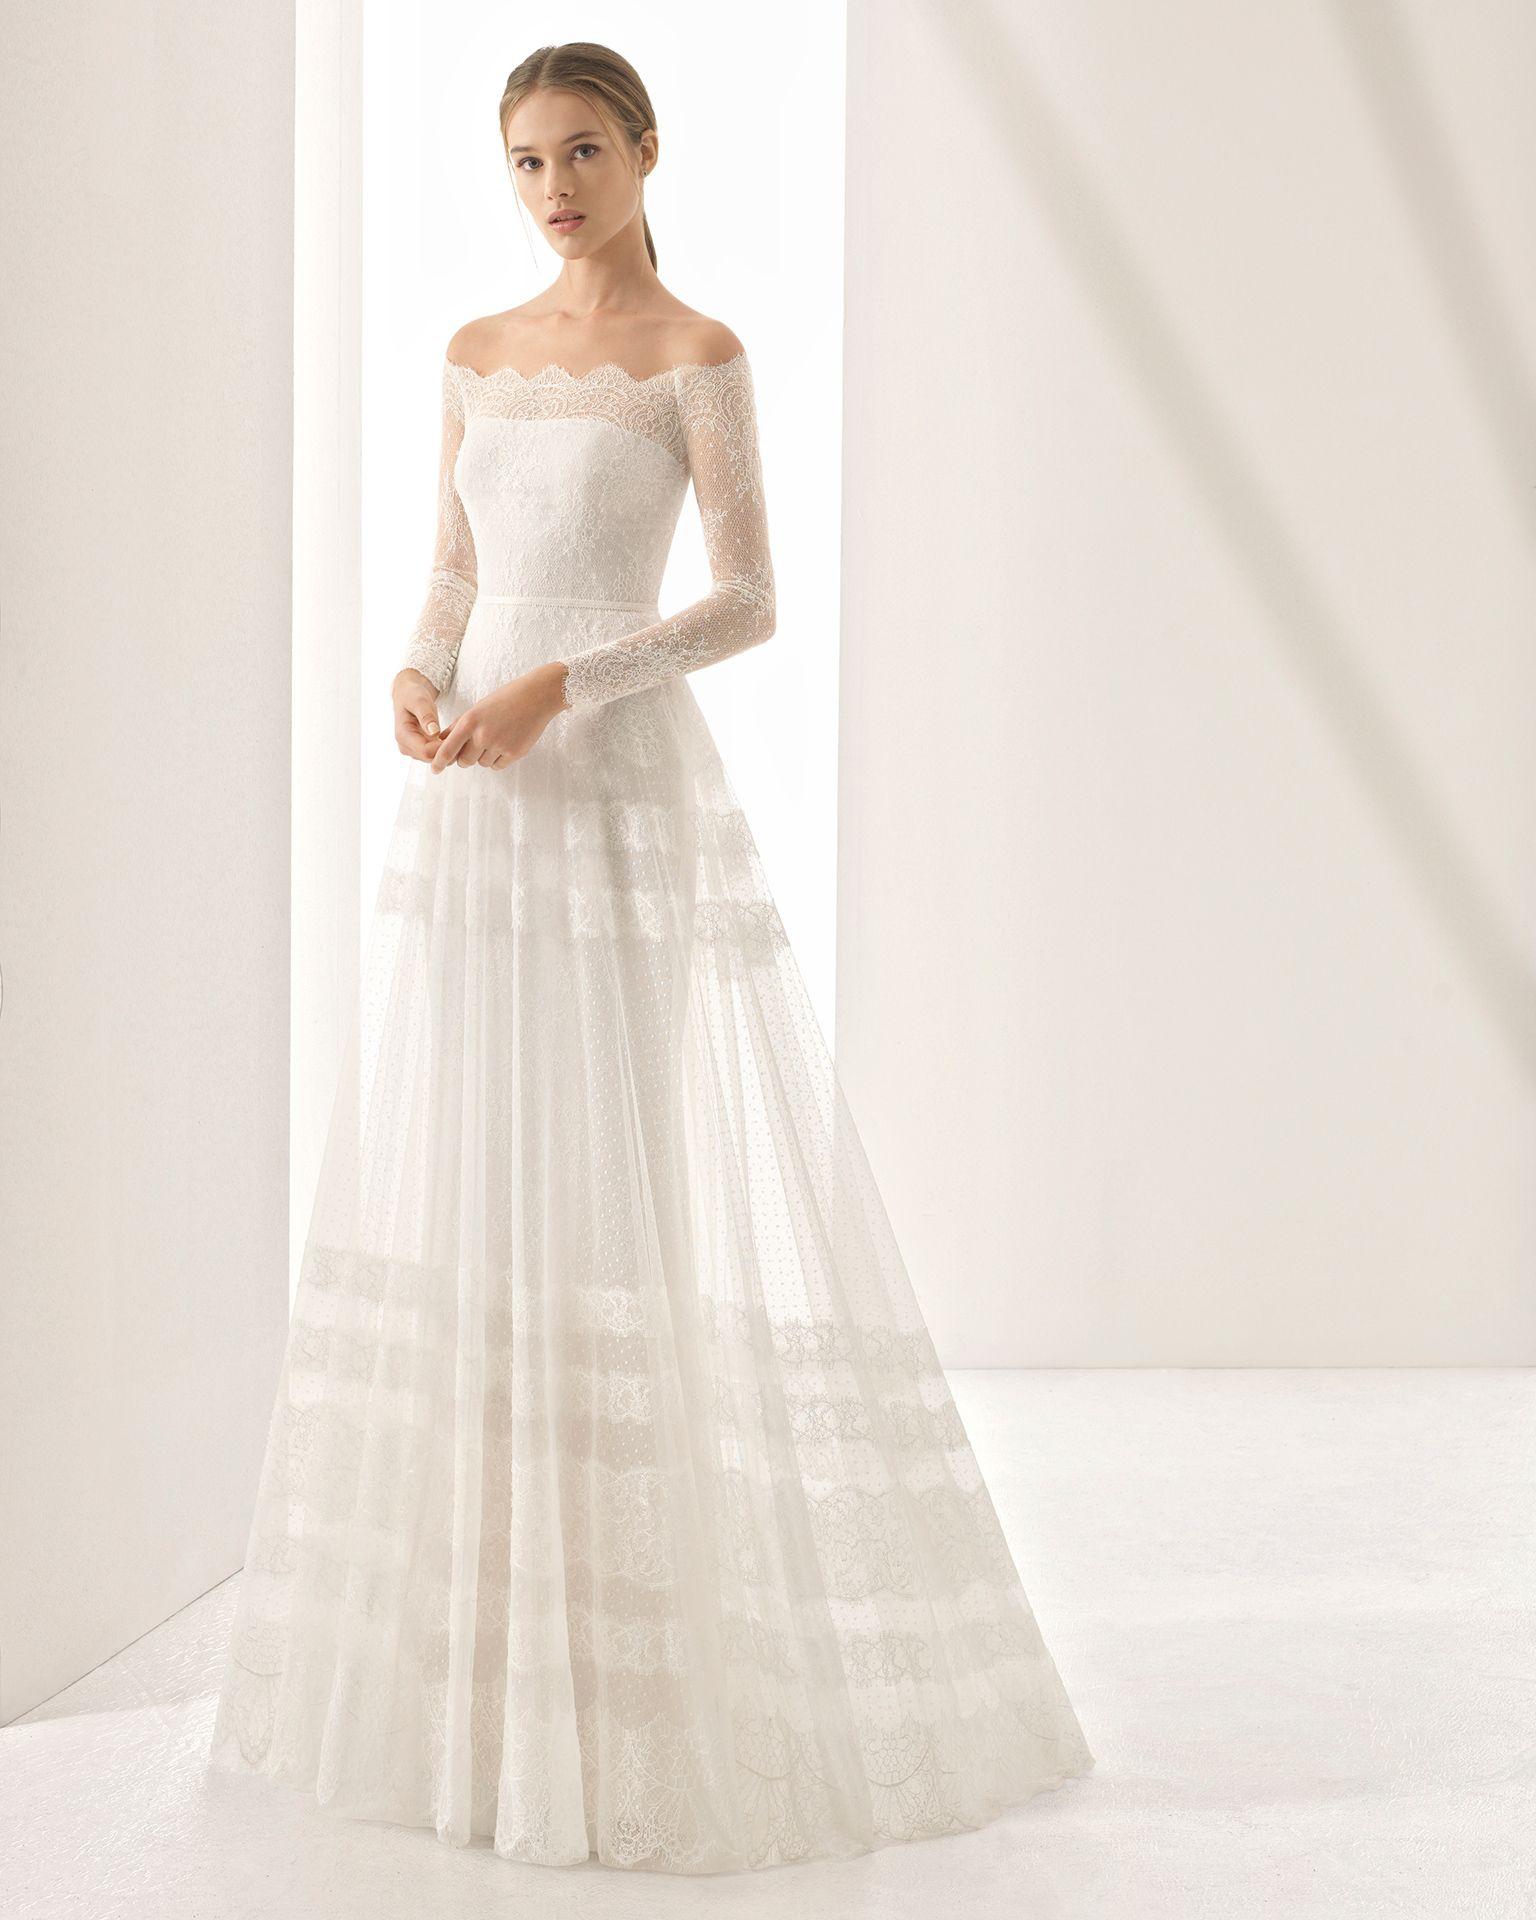 39ebc0313 Vestido de novia estilo boho de encaje y tul plumeti con escote envolvente  y aplicaciones de encaje. Colección 2018 Rosa Clará Couture.